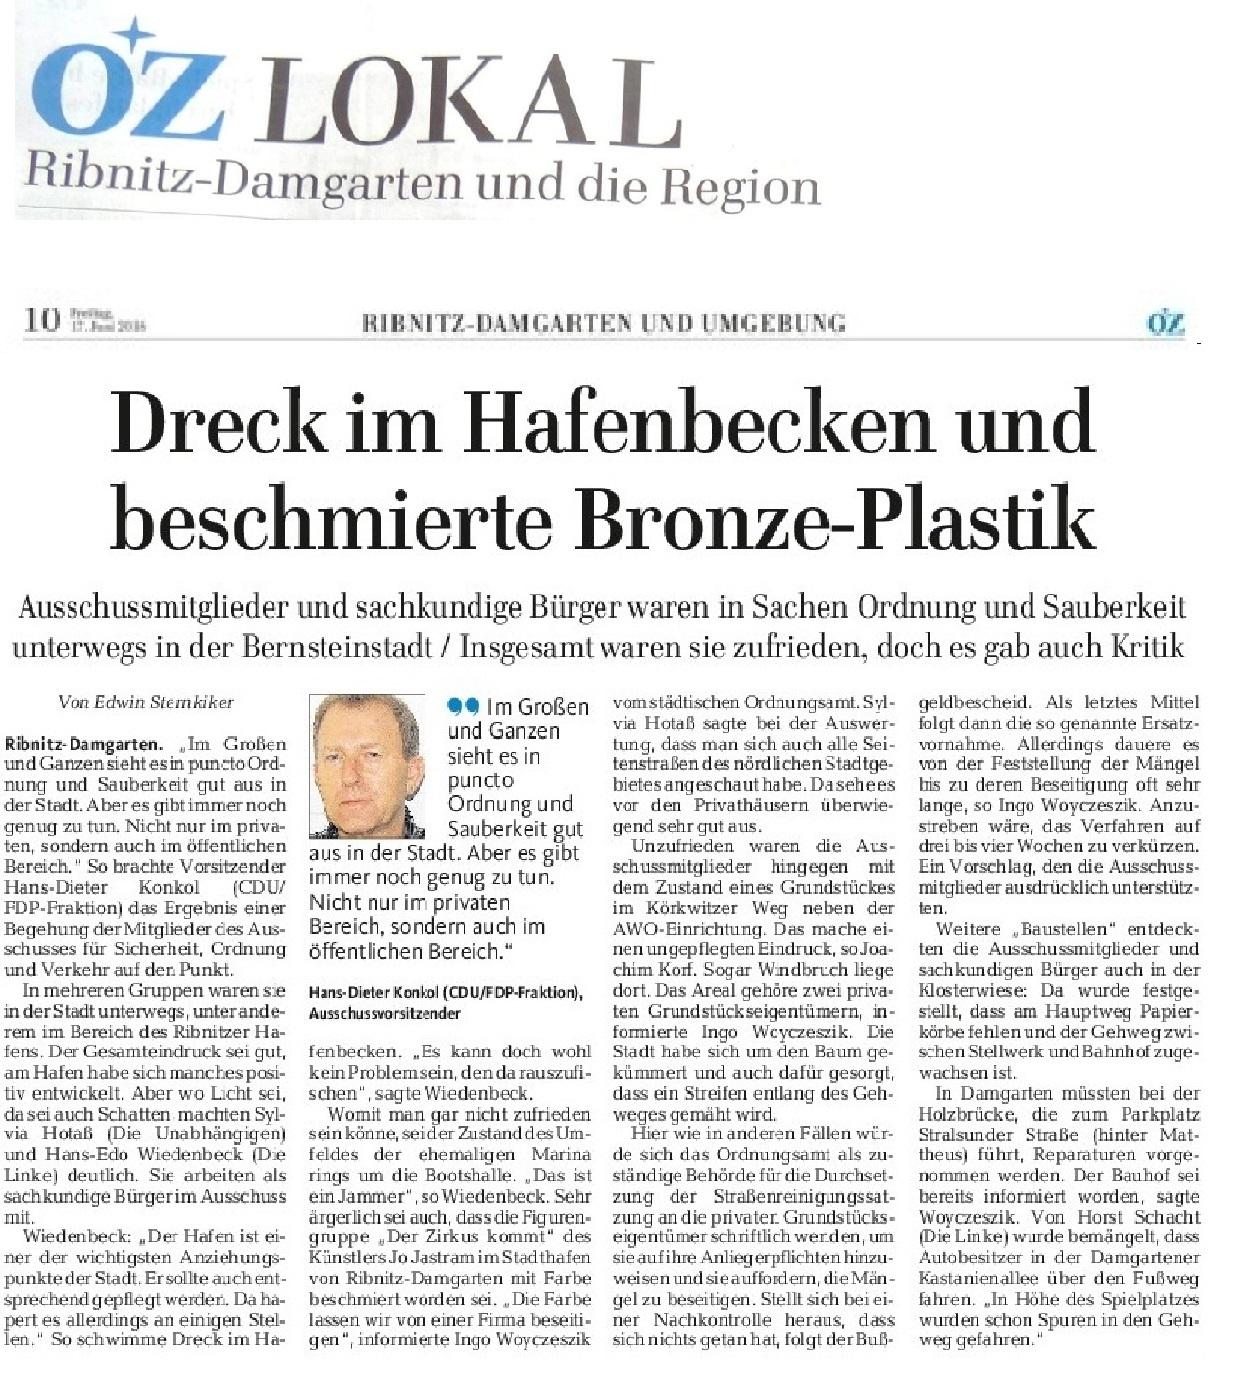 Aus OZ Lokal Ribnitz-Damgarten und die Region vom 17.06.2016 - OZ-Beitrag Dreck im Hafenbecken und beschmierte Bronze-Plastik - Von Edwin Sternkiker